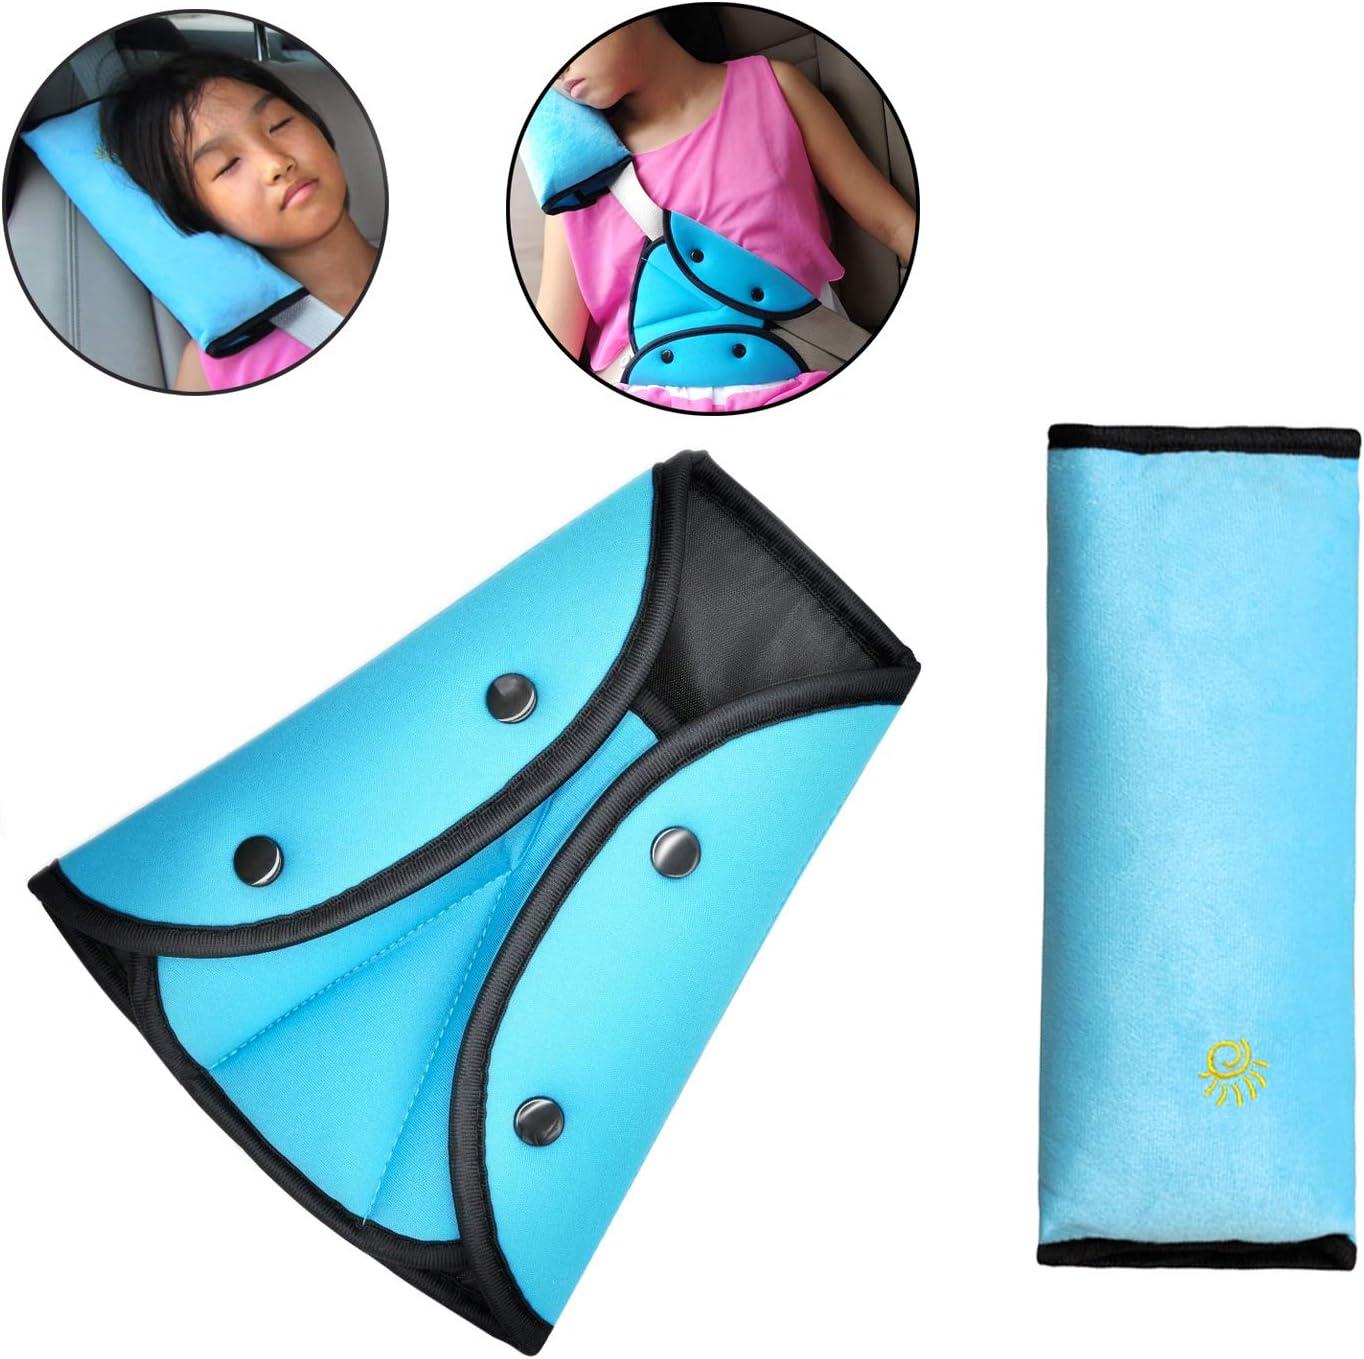 Sicherheitsgurt Schutz blau Timorn Gurtpolster Kinder,Auto Sicherheitsgurt Polster Sicherheitsgurt Kissen Sicherheitsgurt f/ür Kinder